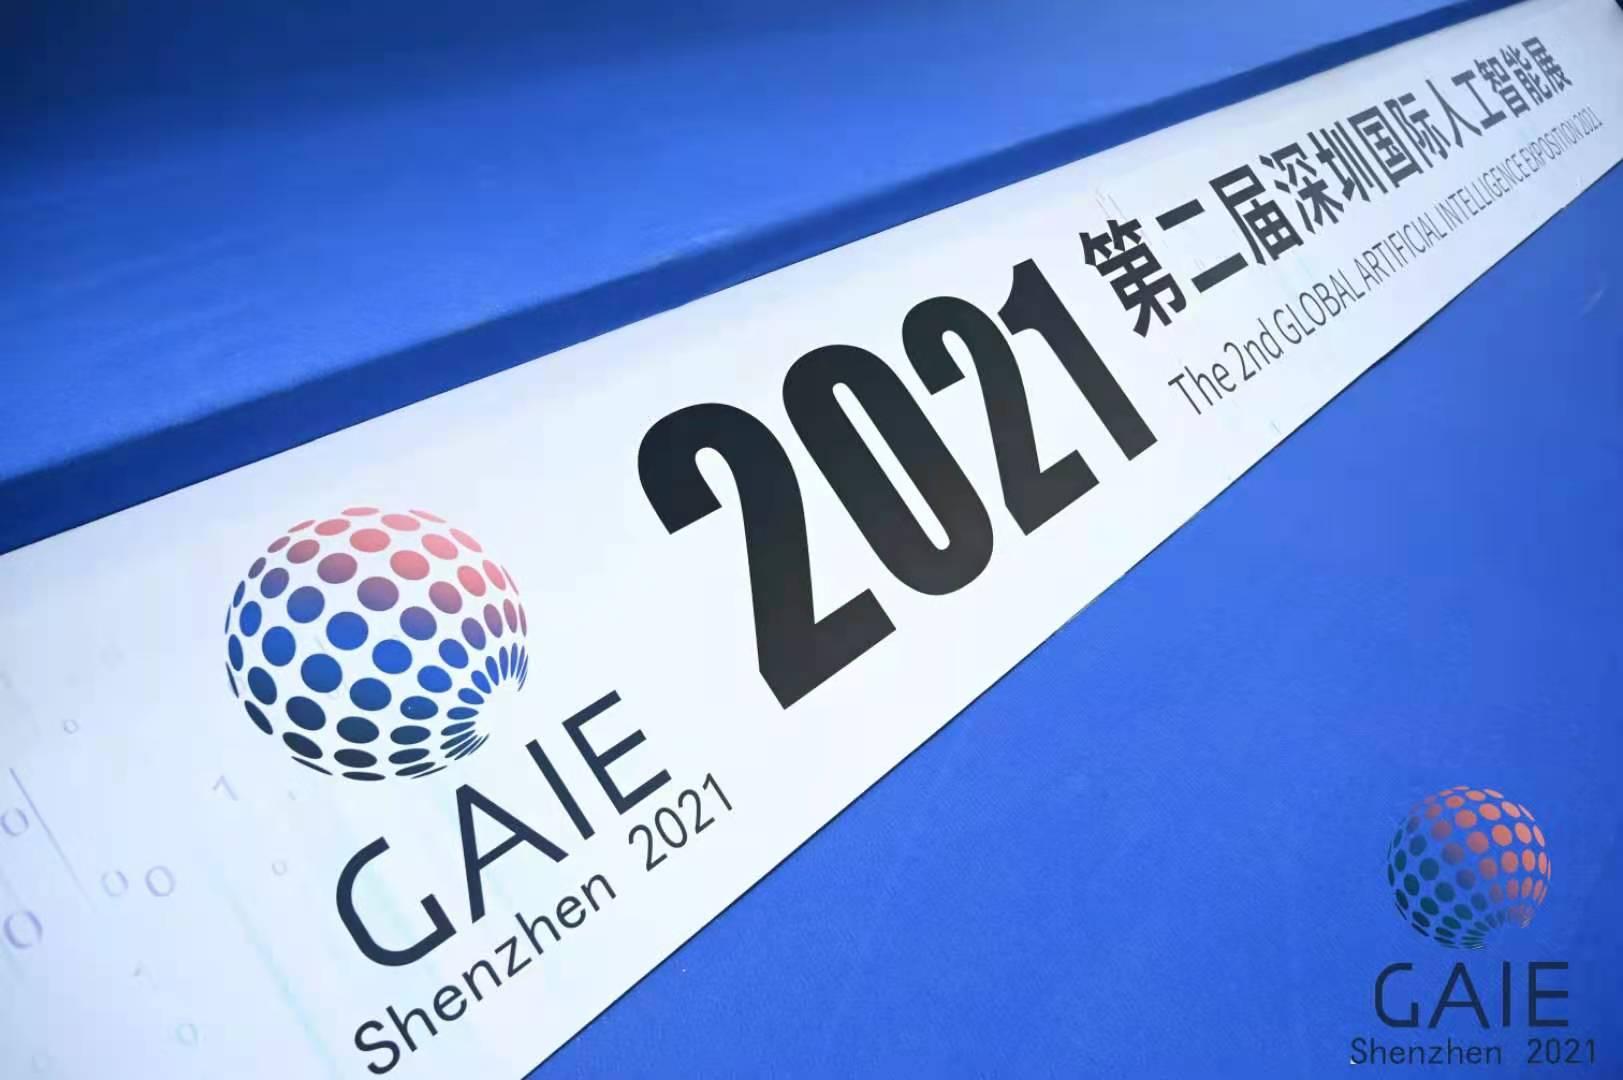 深圳国际人工智能展启幕,影谱科技获最具商业价值奖